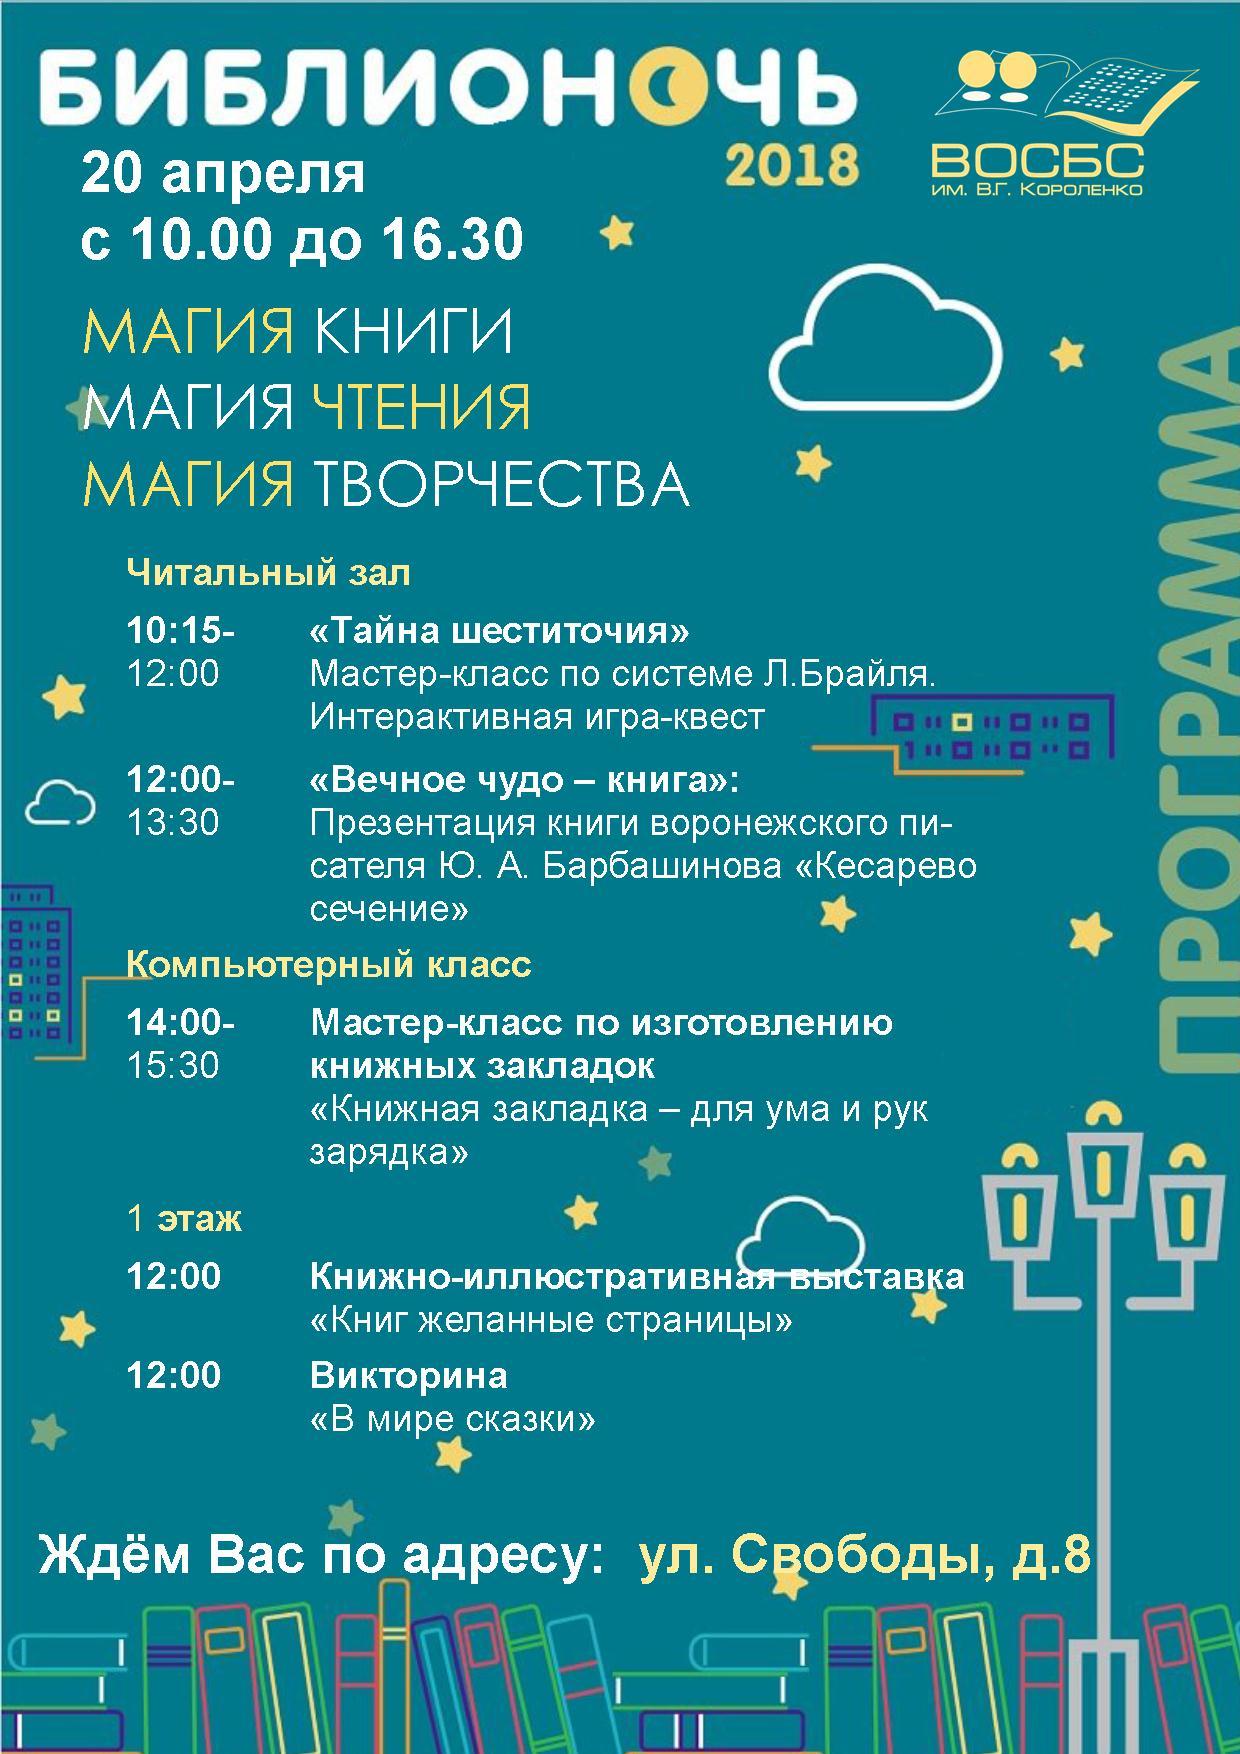 Программа мероприятий библиотеки В.Г. Короленко в рамках Всероссийской акции «Библионочь-2018»